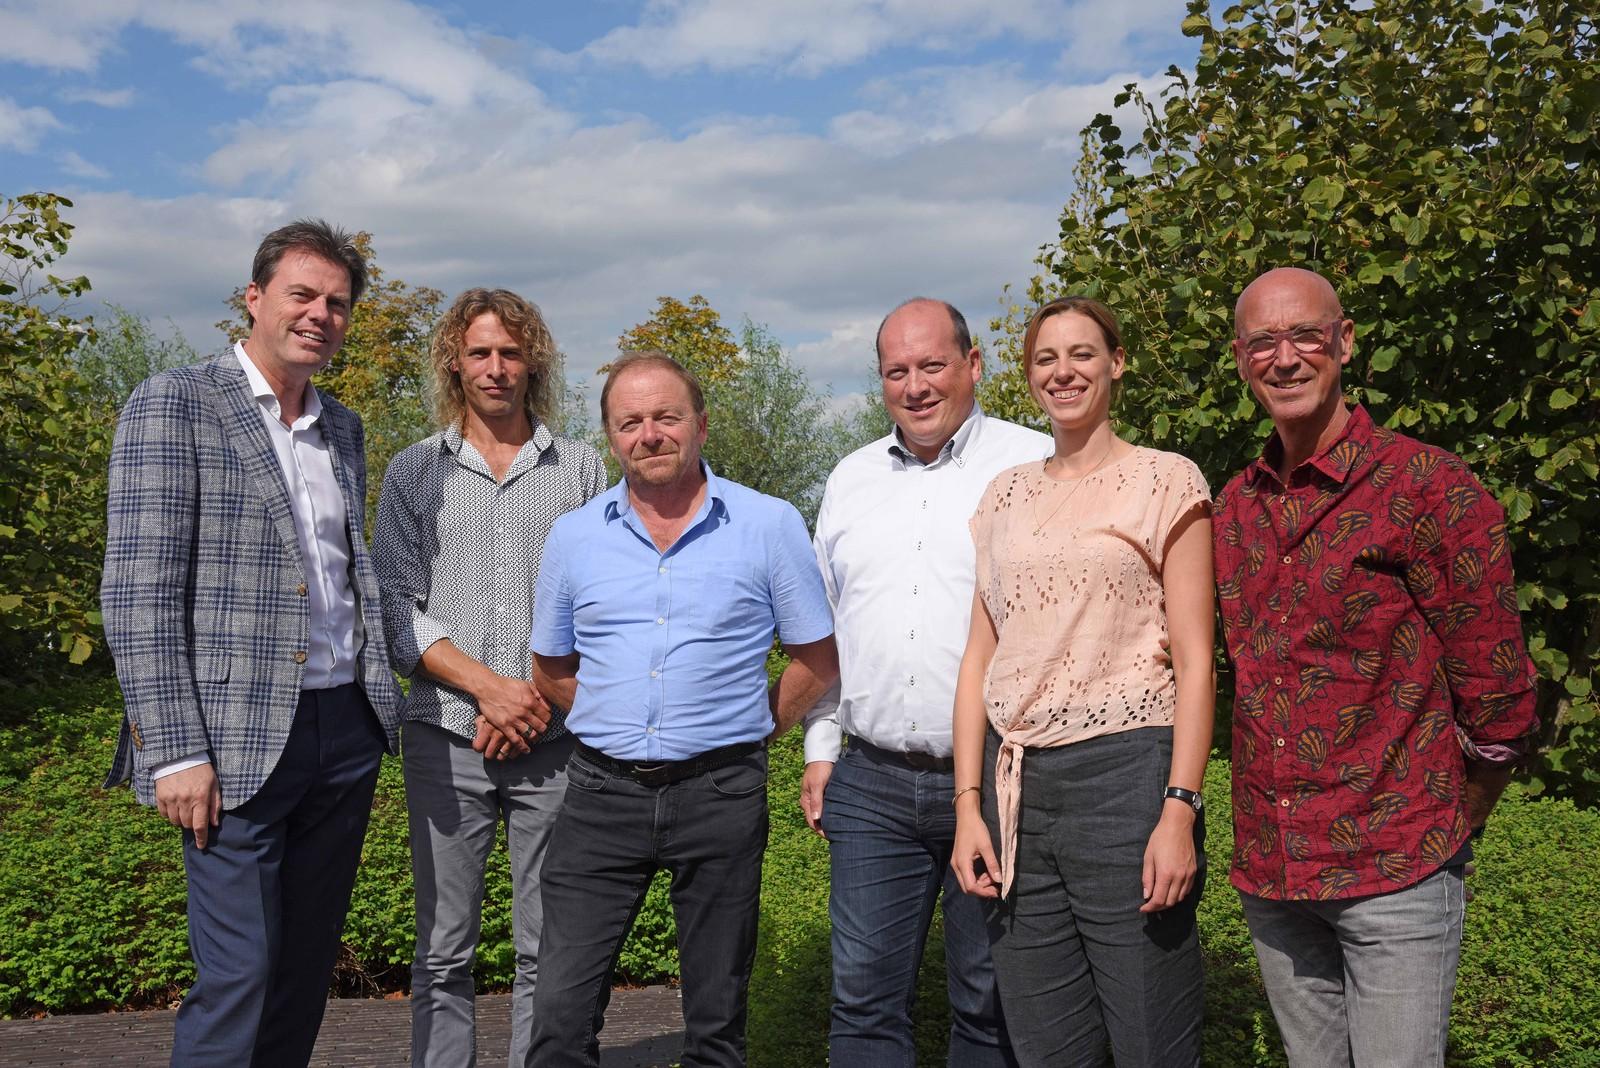 Persbericht: Nieuw project Toontjeshuis bouwt aan zelfstandig samenleven op maat